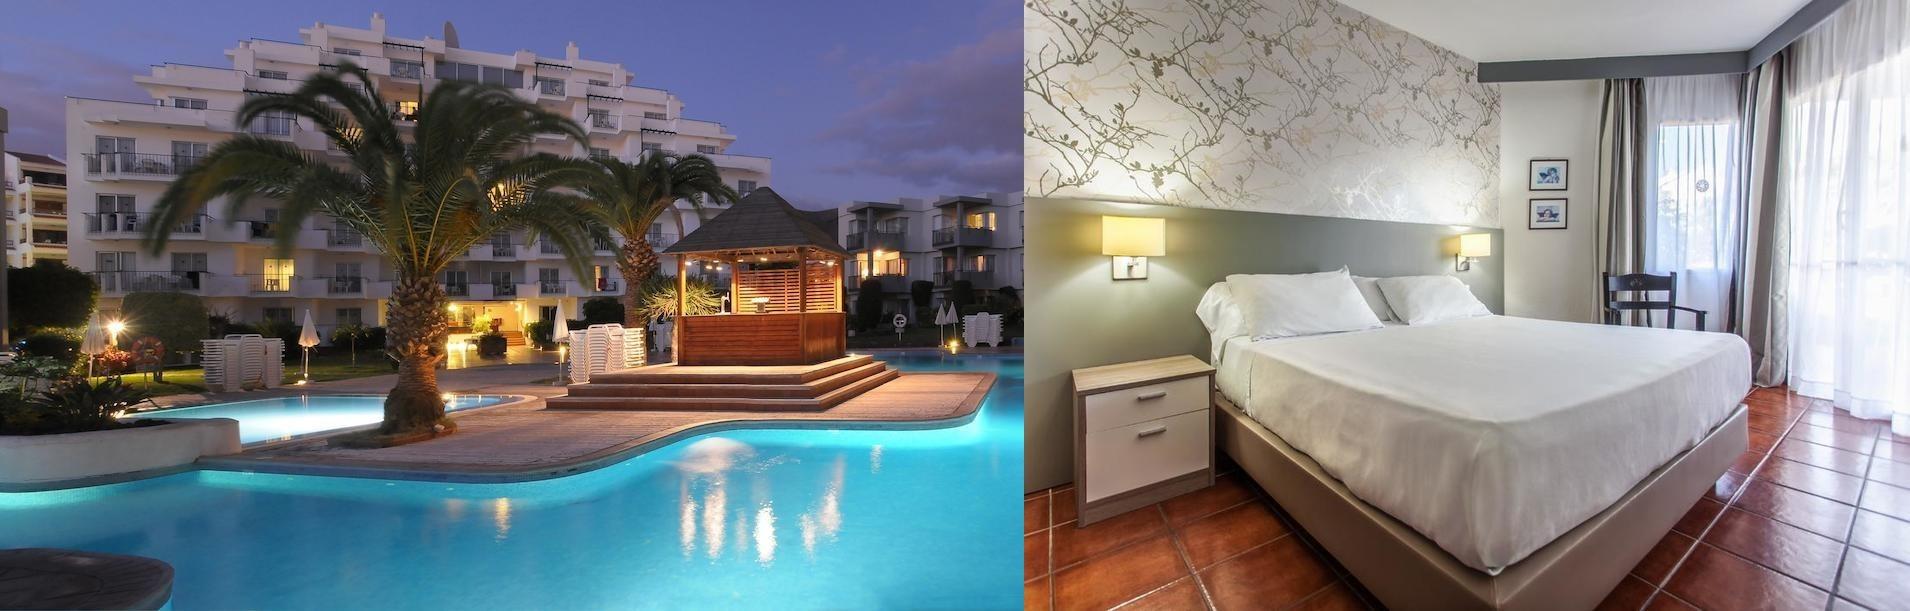 Apartamentos Hg Tenerife